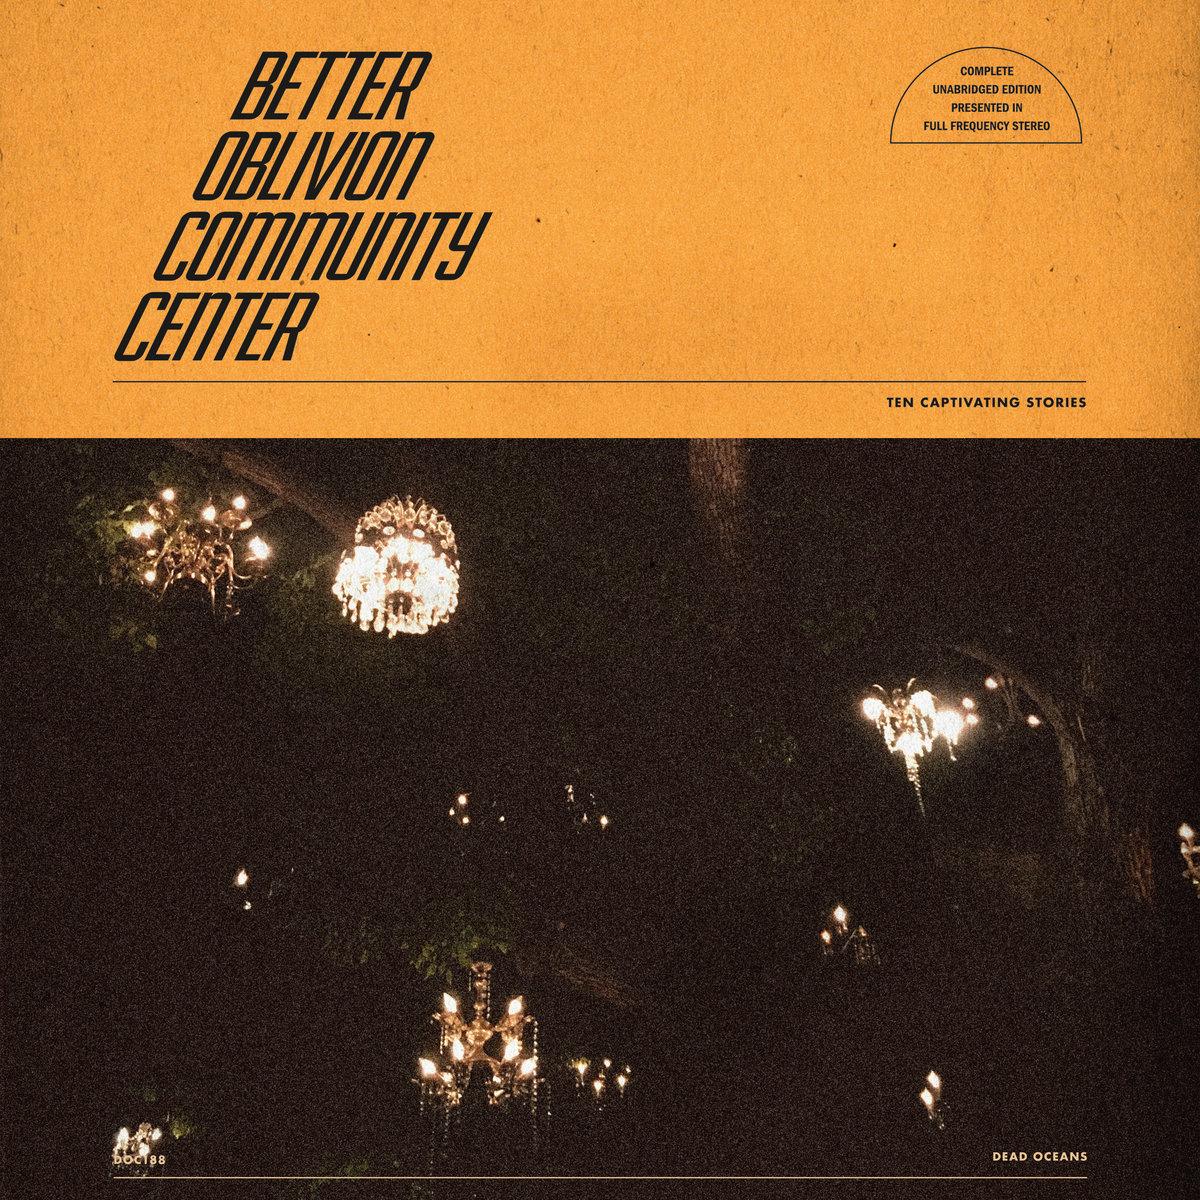 Better Oblivion Community Center | Better Oblivion Community Center